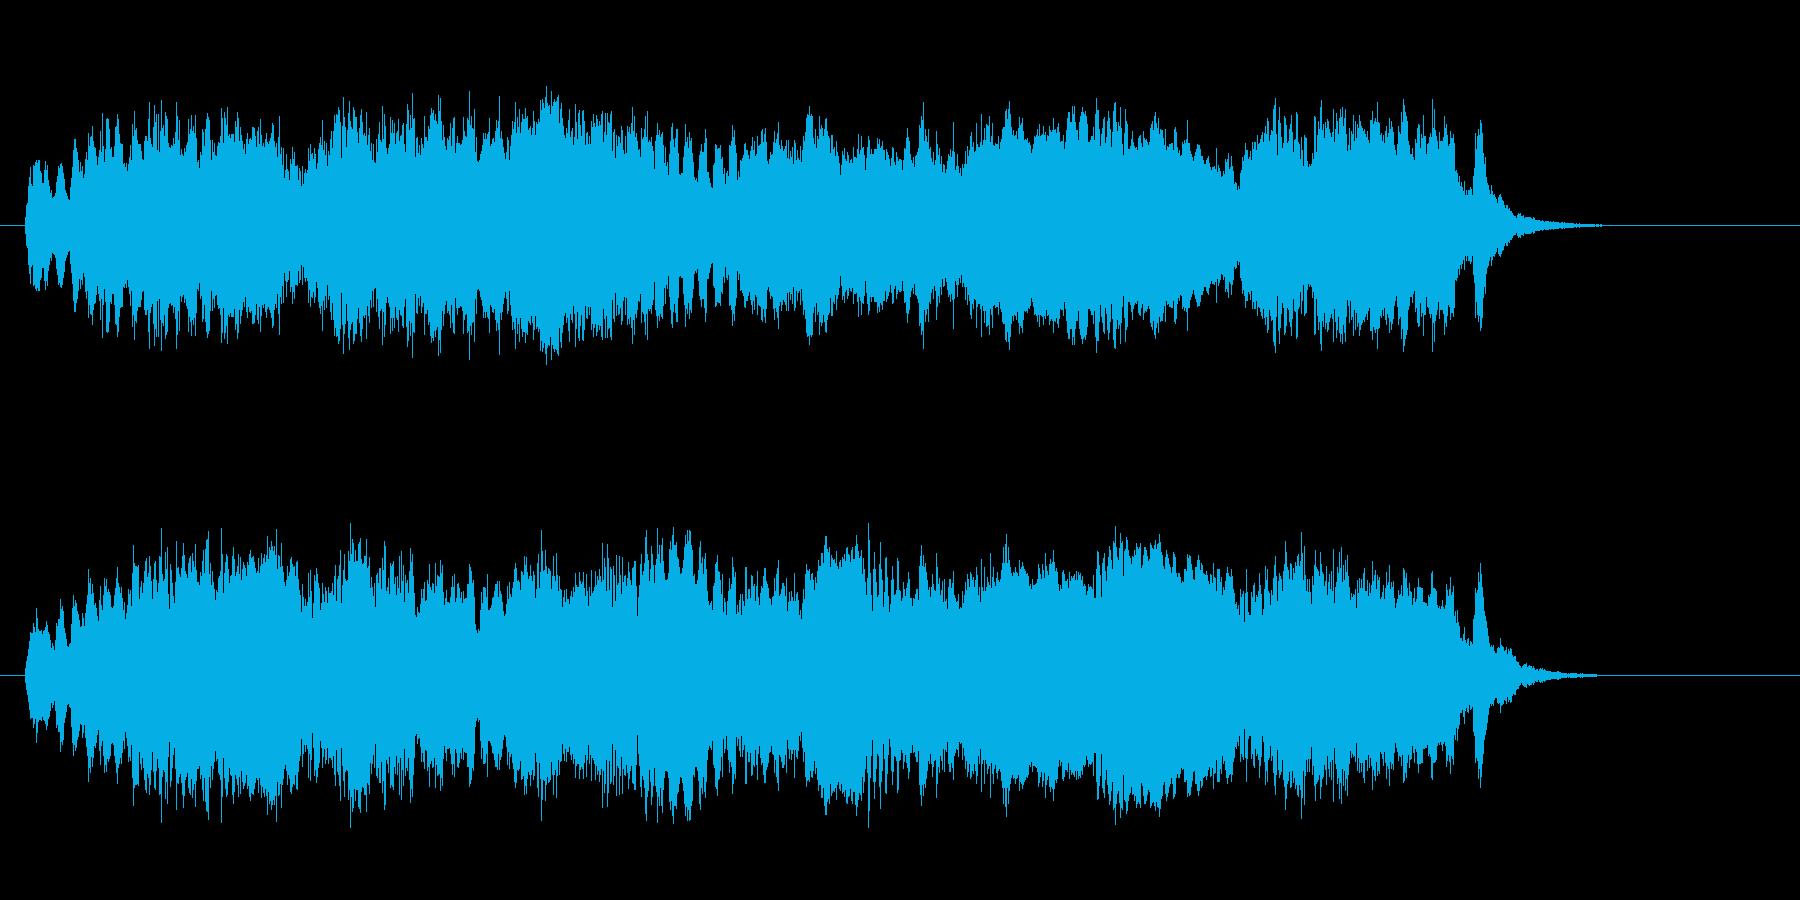 華麗でクラシカルなジングルの再生済みの波形